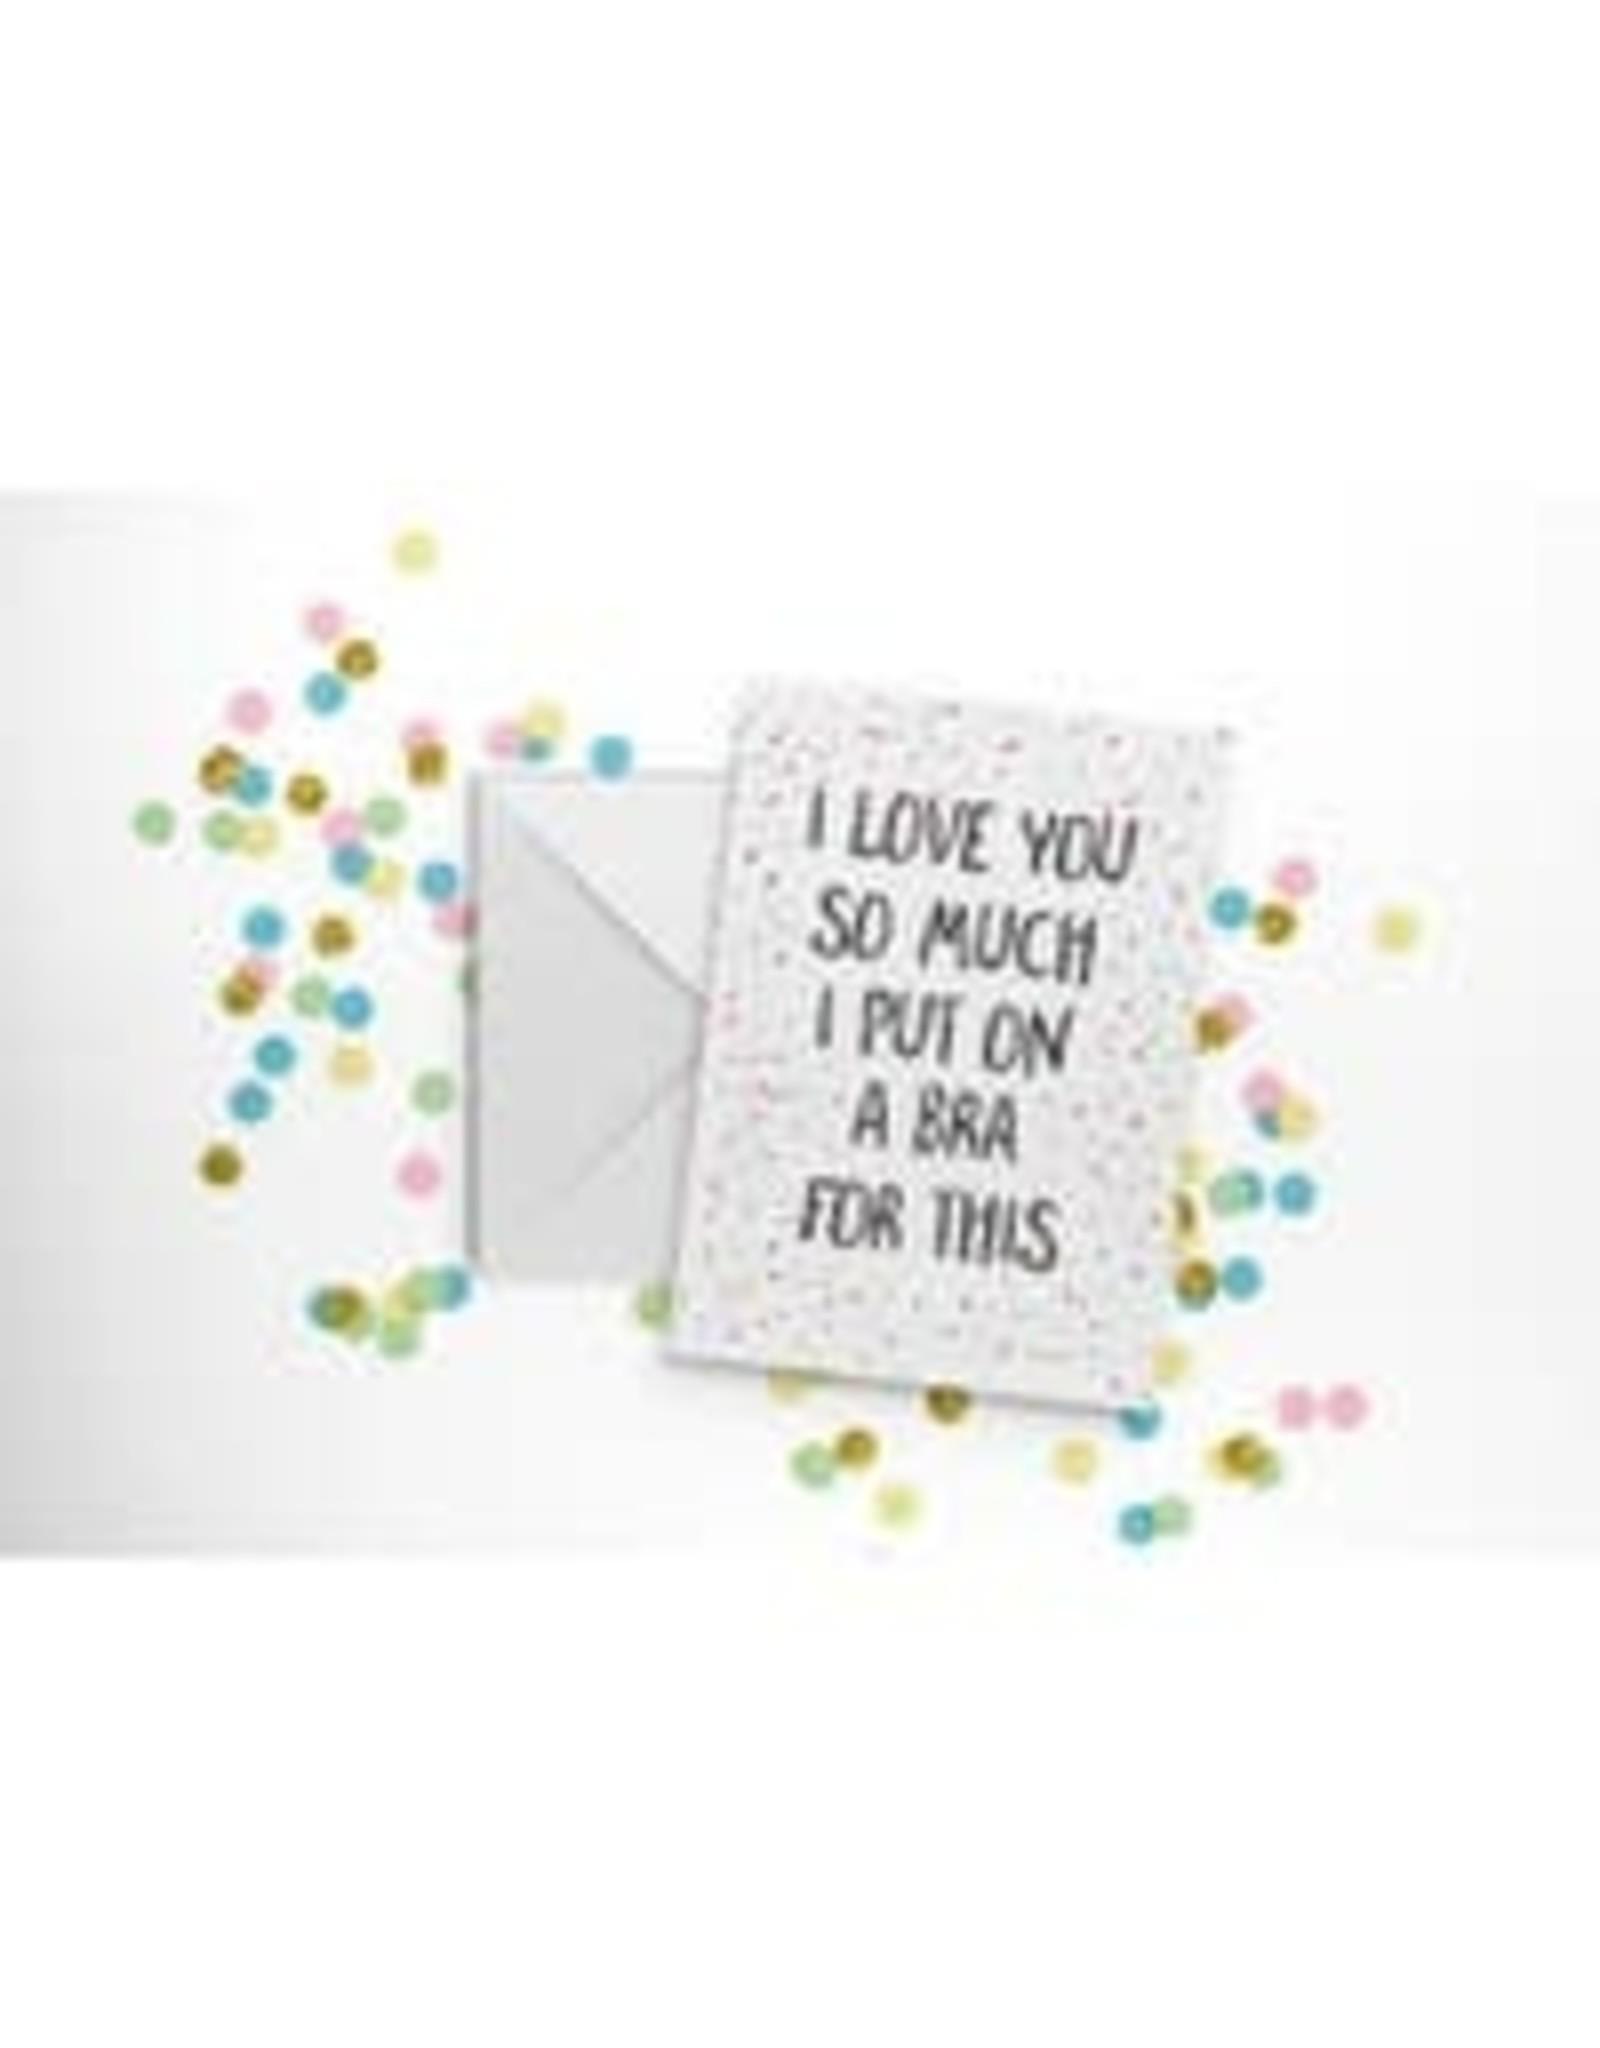 Fun Club I Love You Bra Card